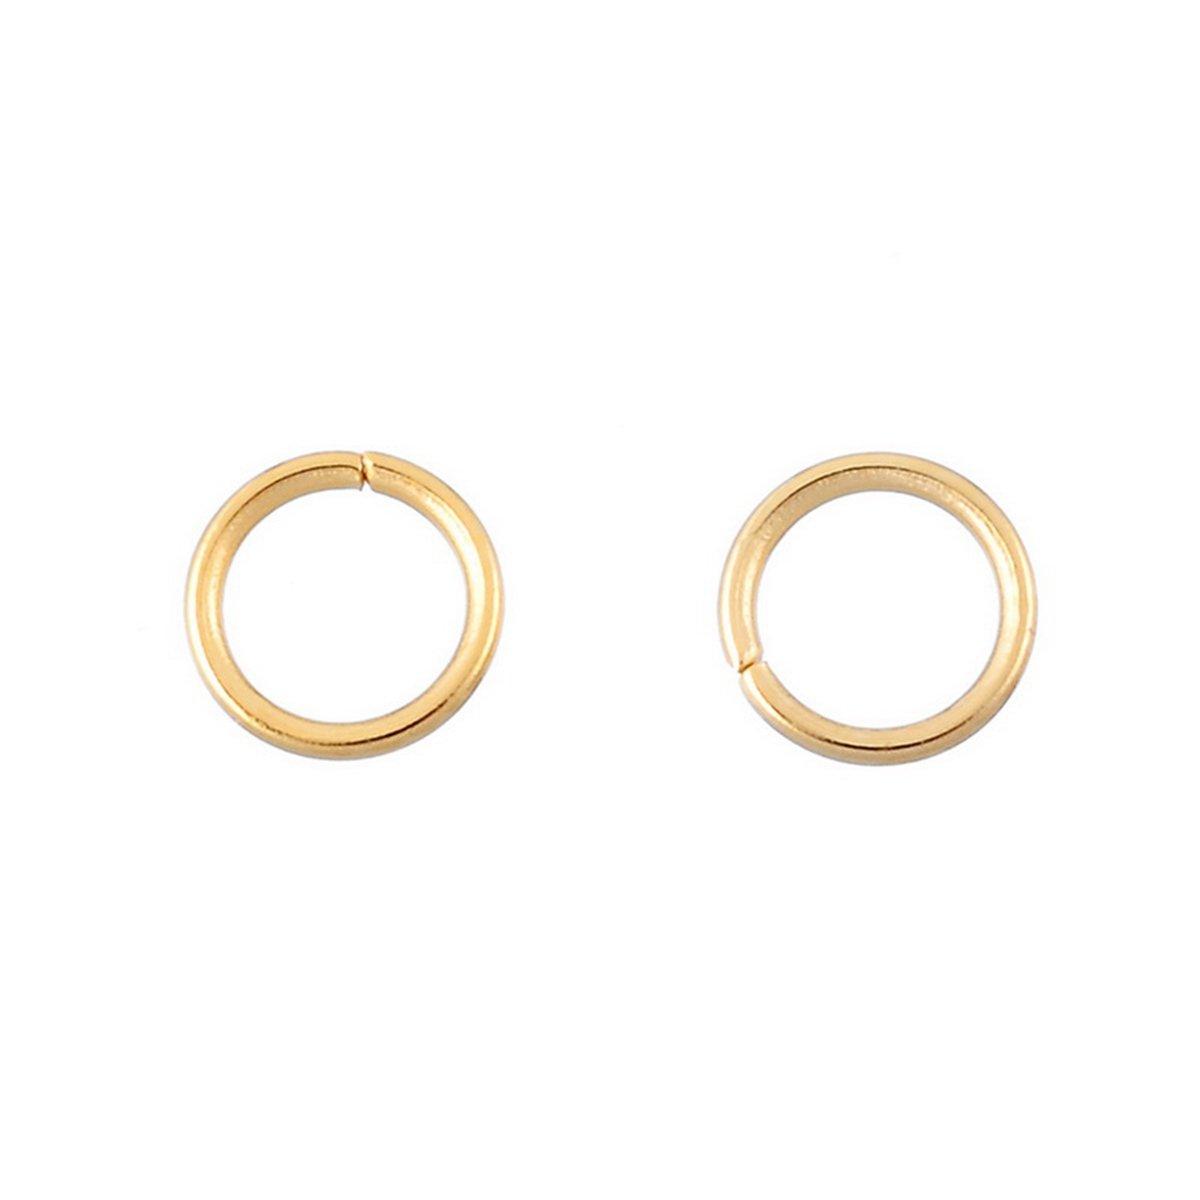 HooAMI 30 pcs Anneaux de Jonction en Acier inoxydable Accessoires de bijoux pour DIY Bijoux TY HooAMI103